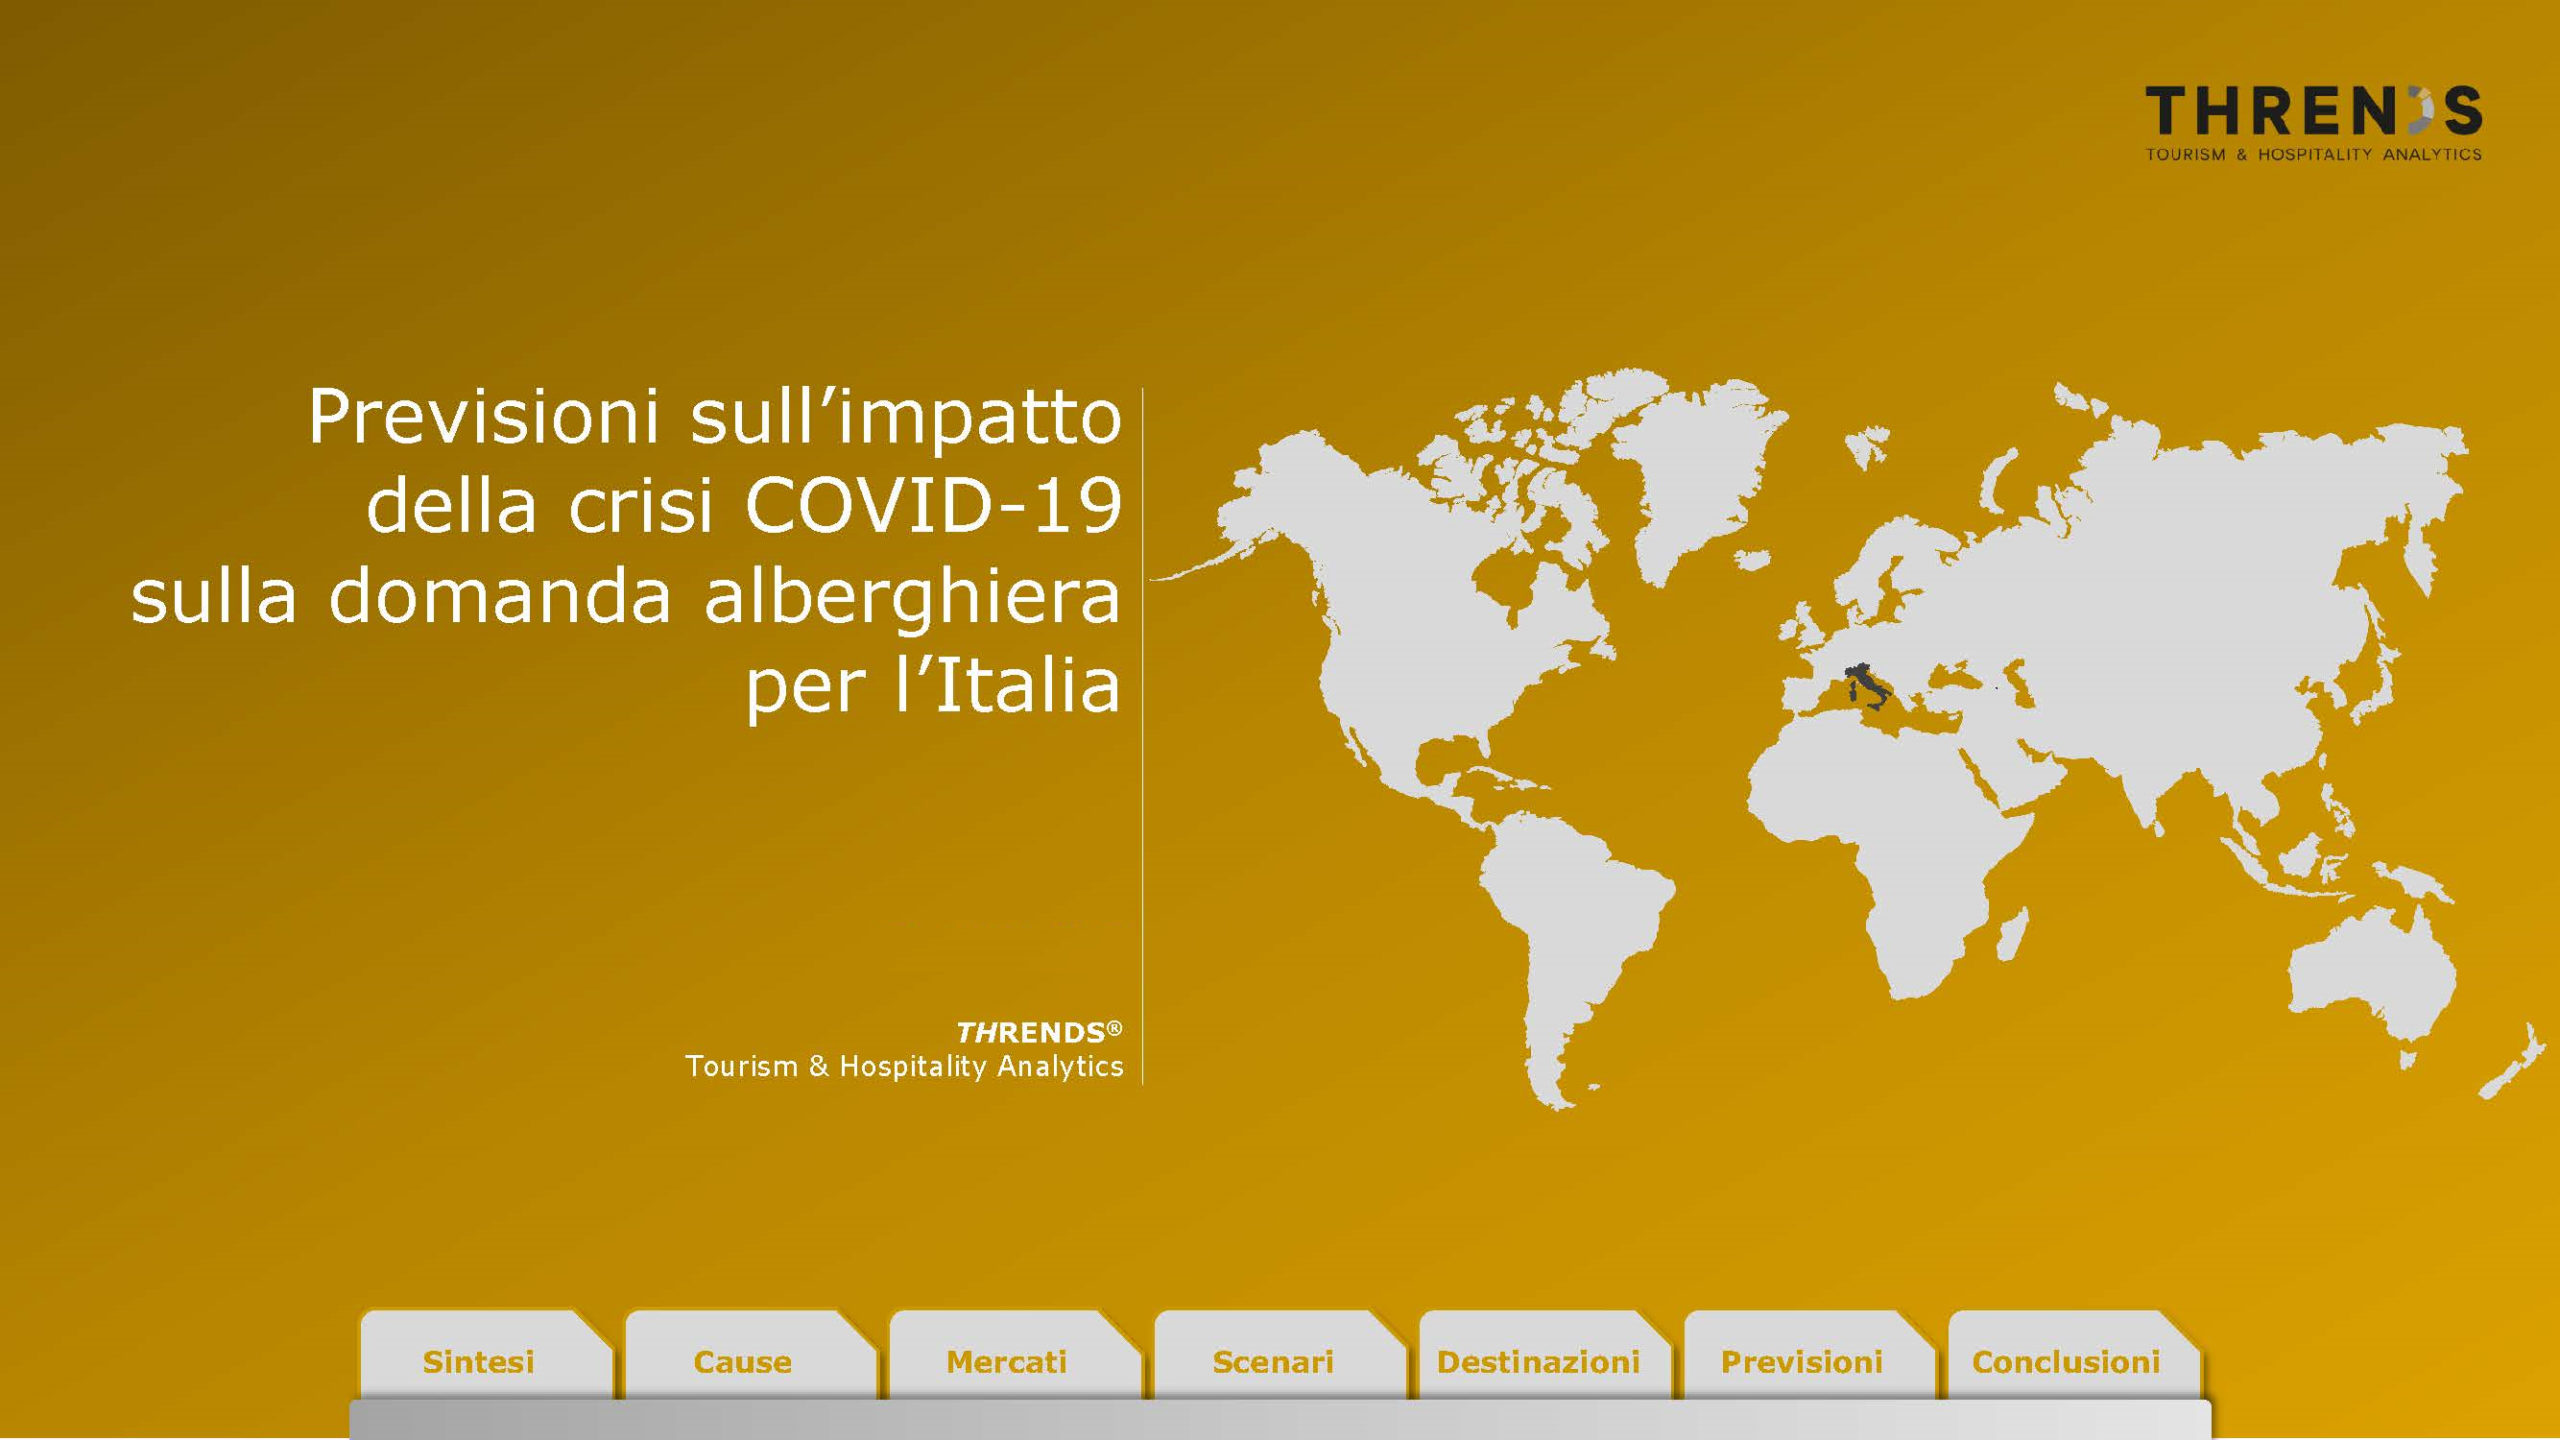 L'impatto della crisi Covid-19 sulla domanda alberghiera per l'Italia sarà pesante